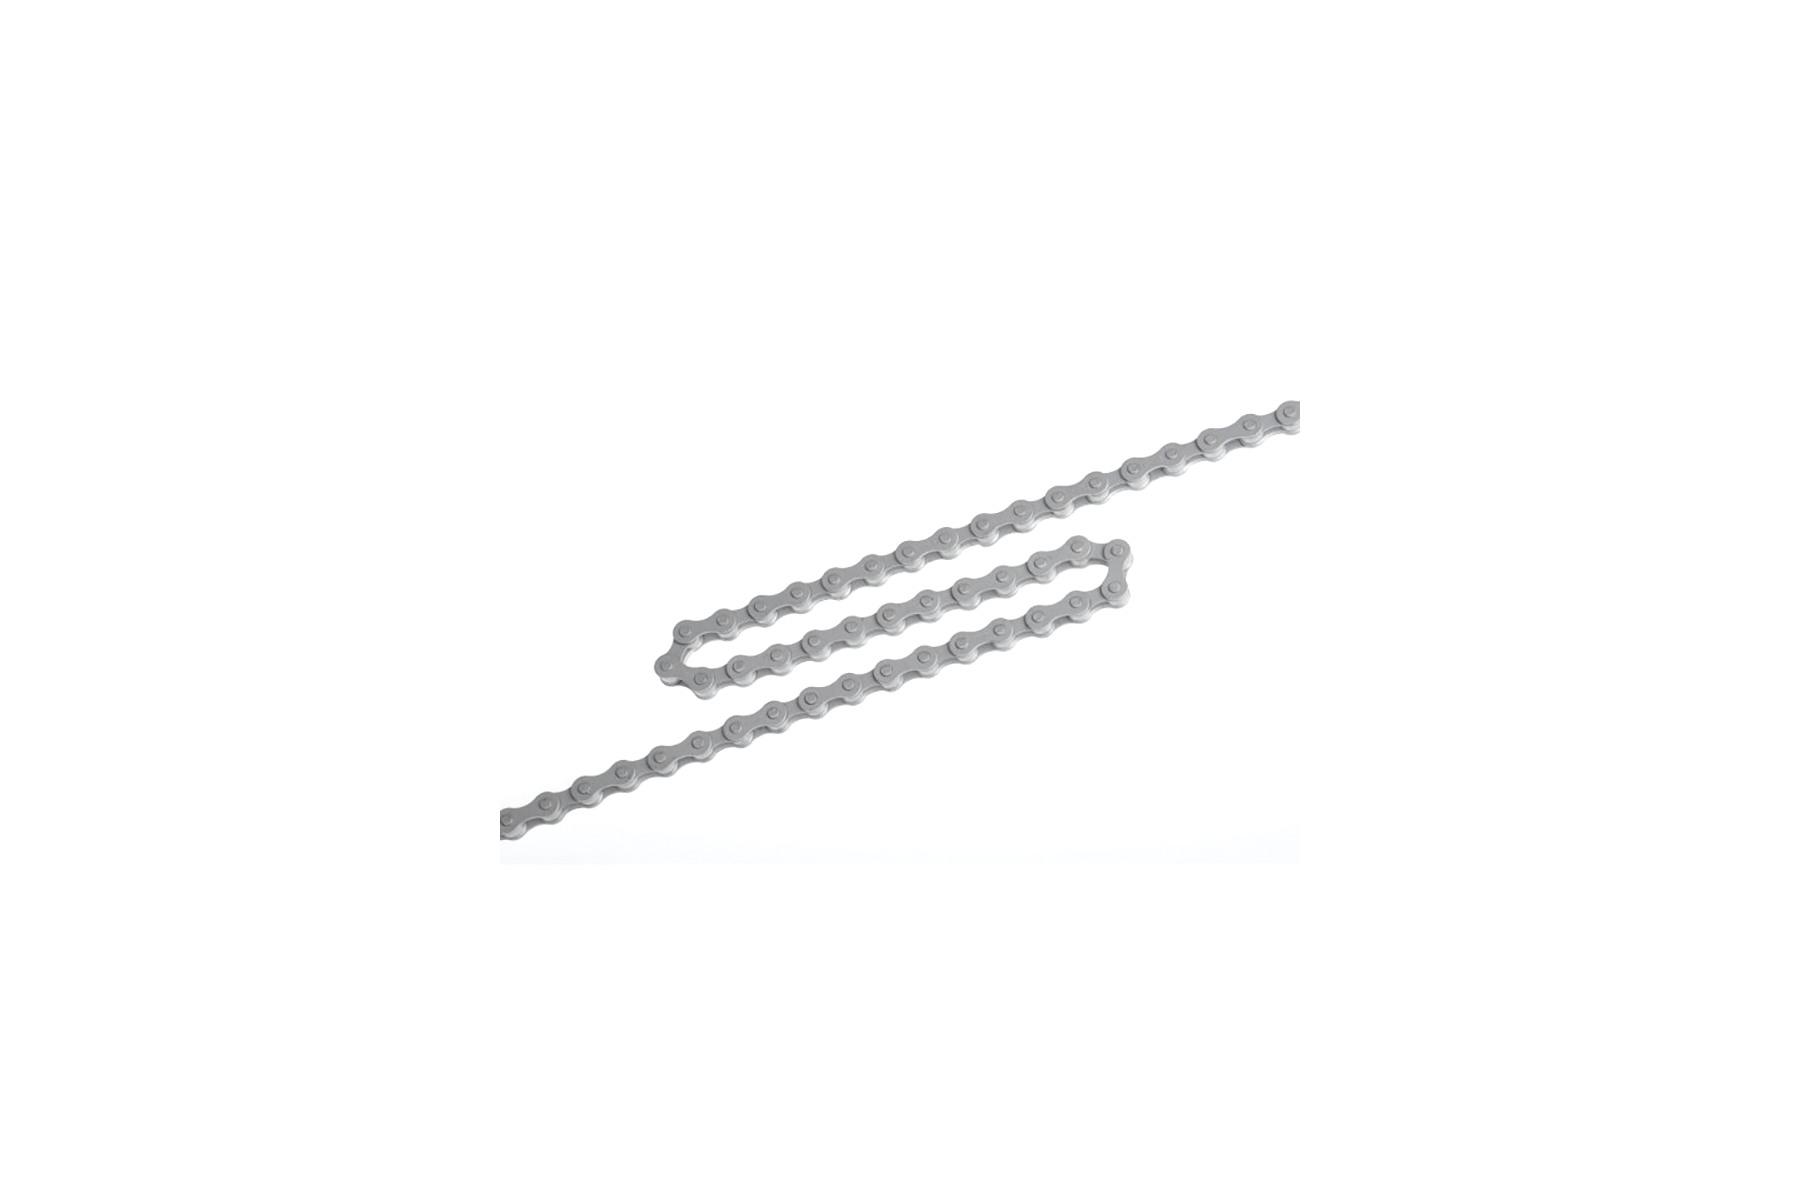 SHIMANO Nexus CN-NX10 Kette für Nabenschaltung/Singlespeed 1-fach